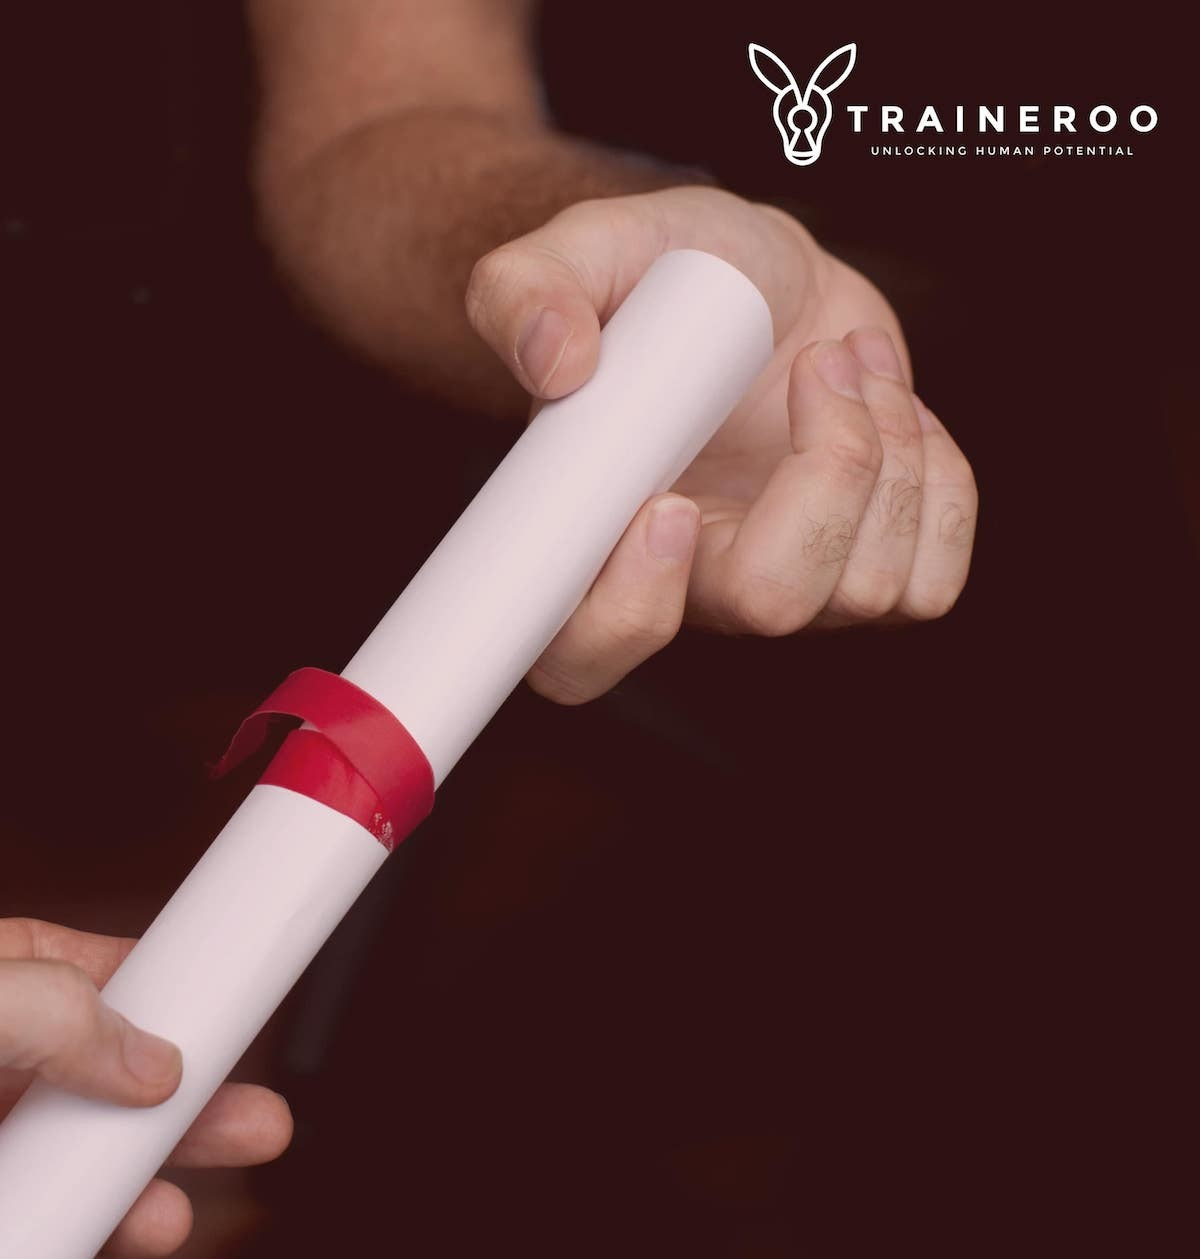 Certificaat van Deelname - Training Traineroo